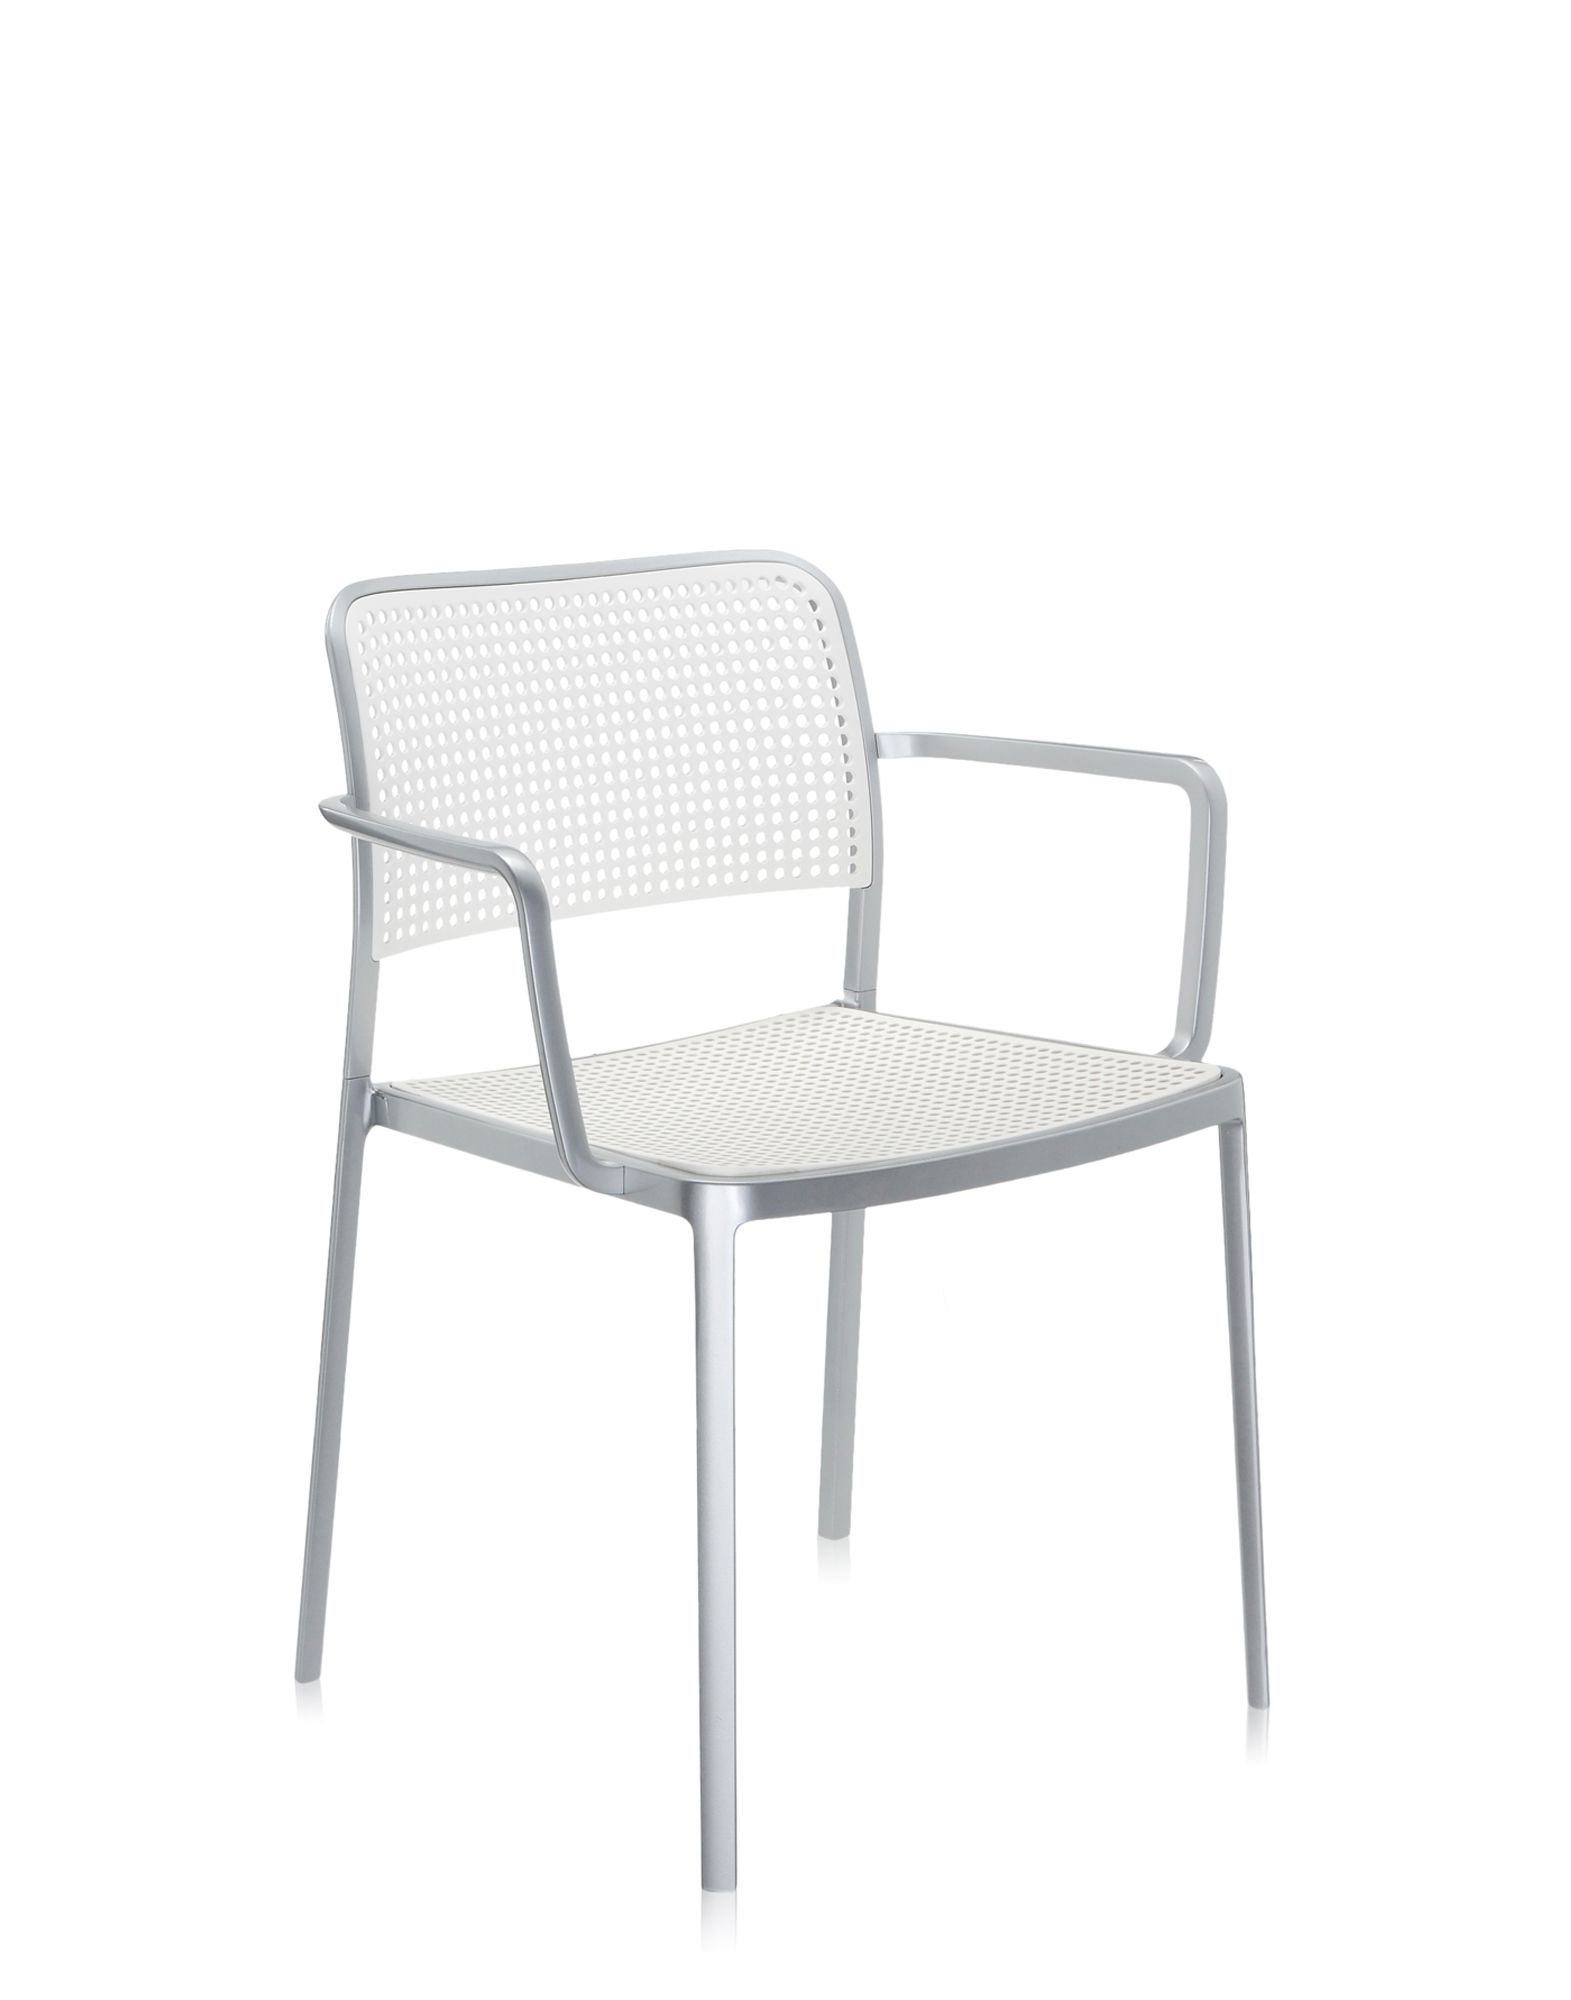 Kartell audrey bianco alluminio verniciato sedie design for Sedie alluminio design